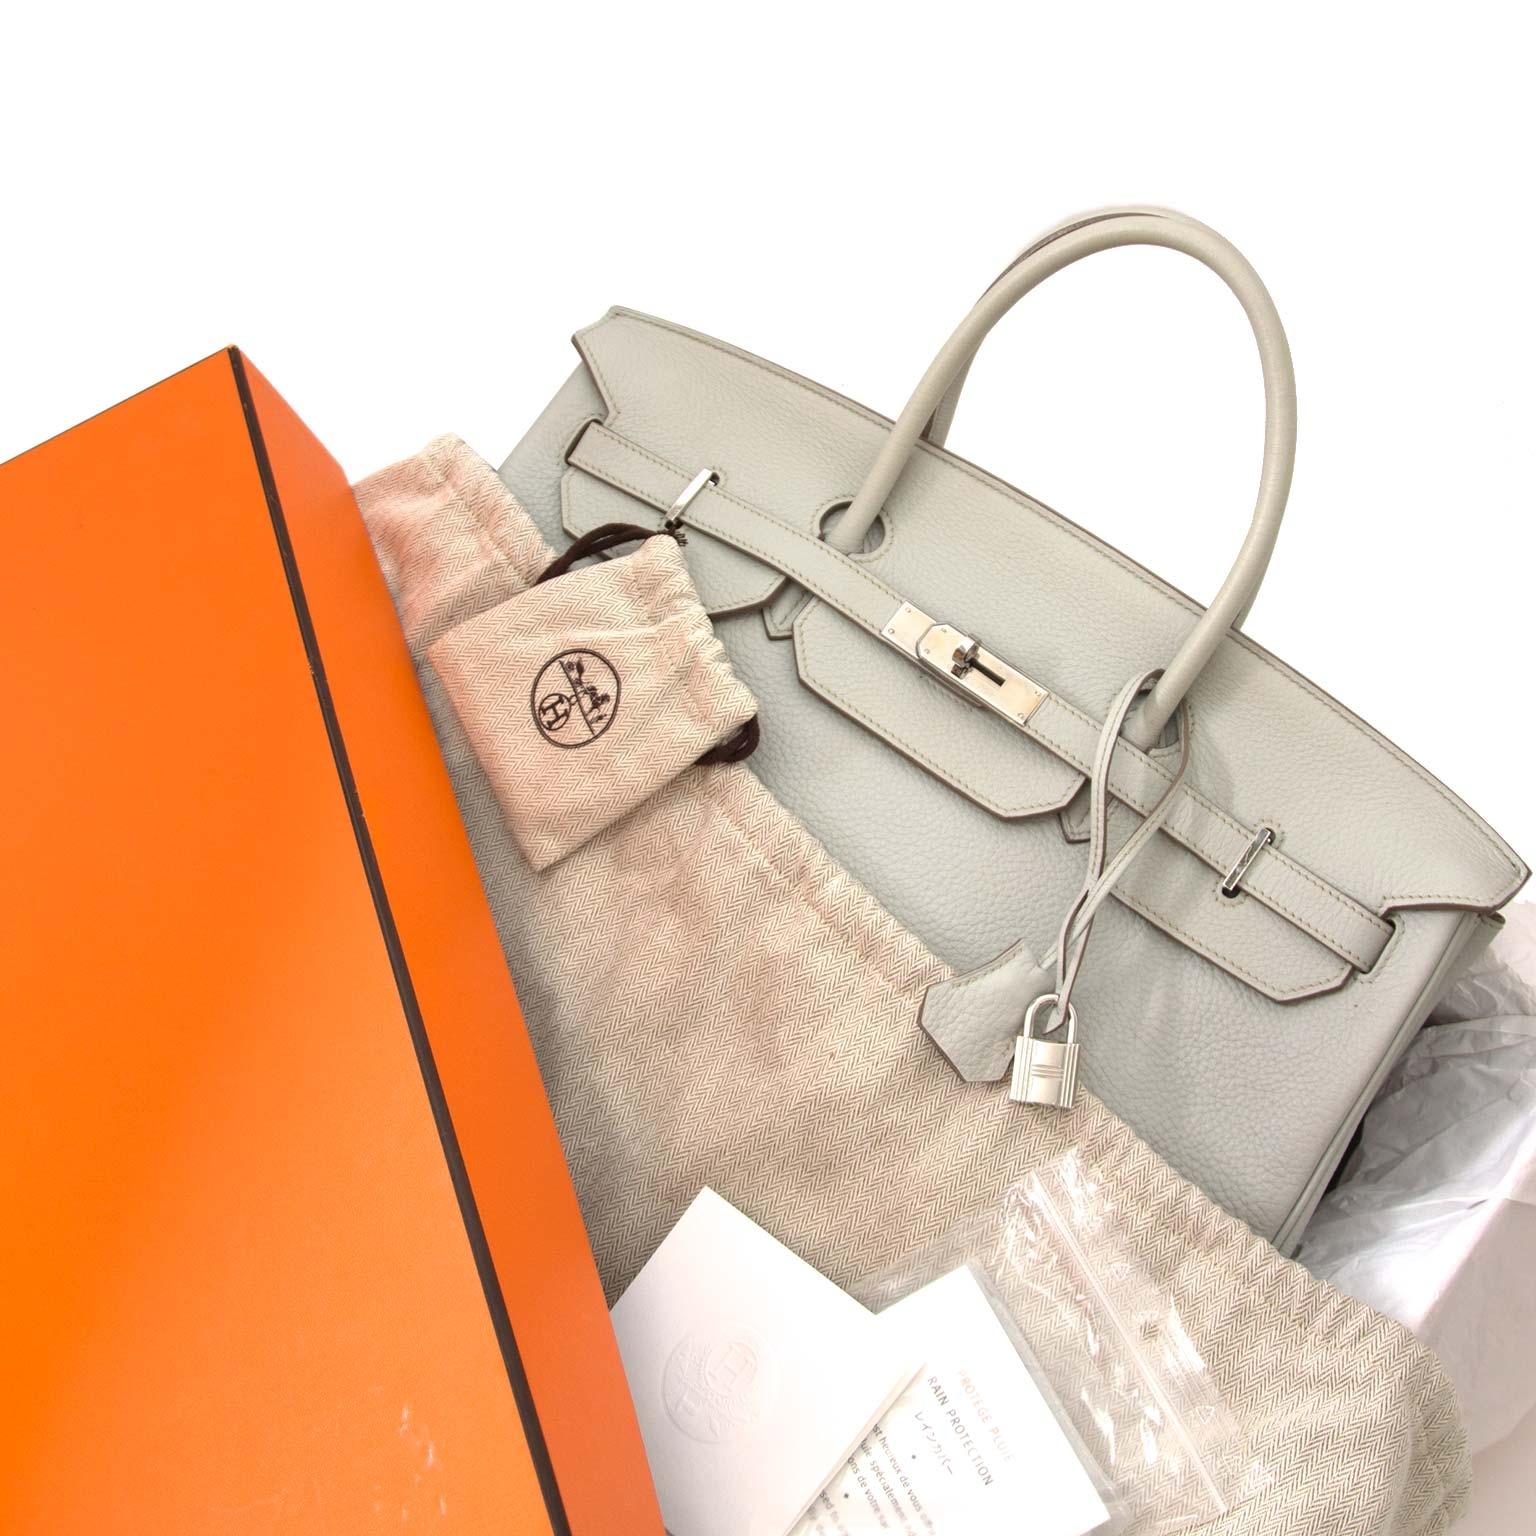 acheter en ligne chez labellov.com Hermès Birkin 40cm Gris Perle Clemence Taurillon PHW